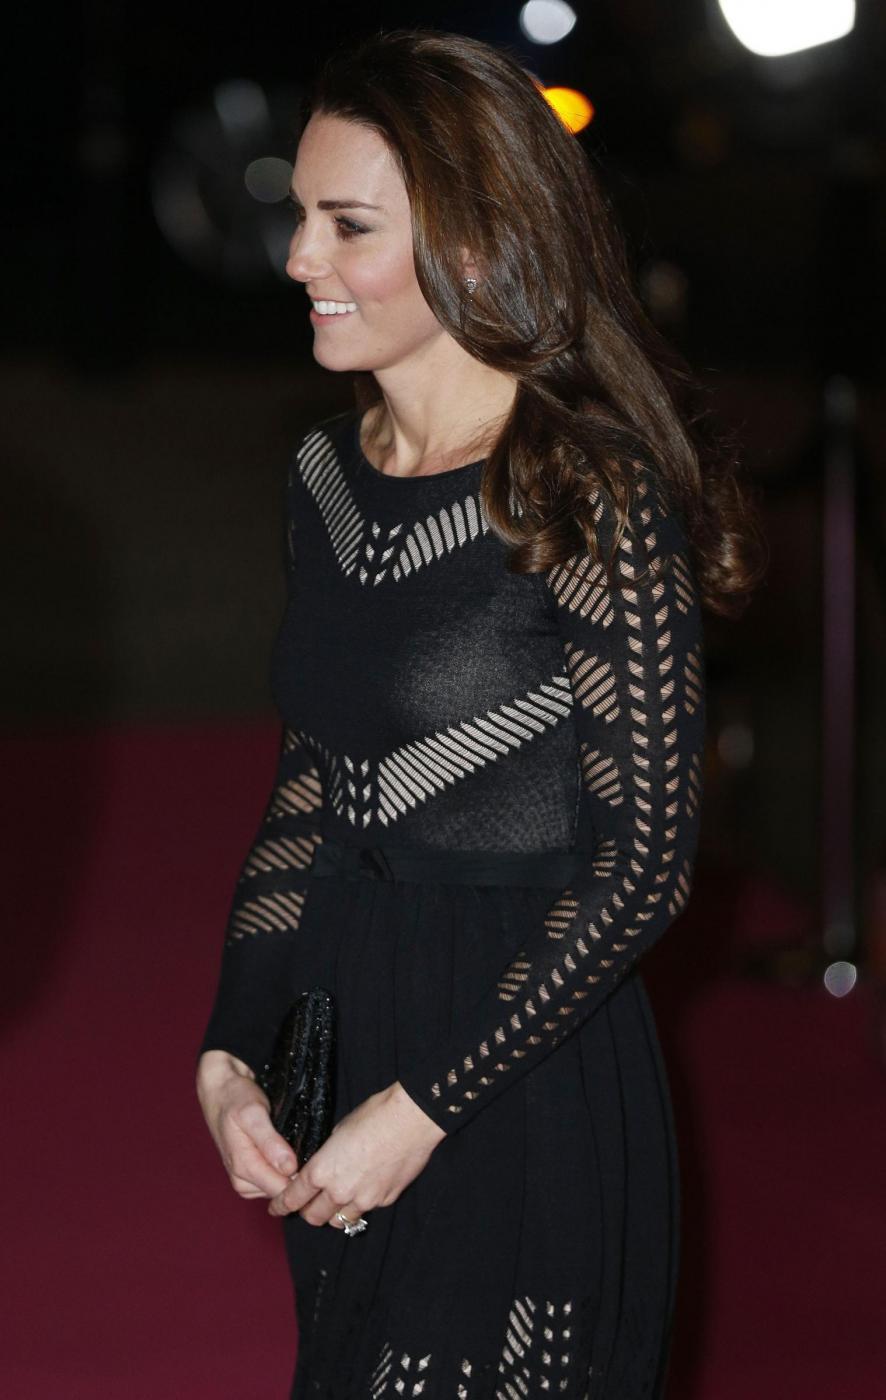 Kate Middleton incita di 3 mesi, non si risparmia04